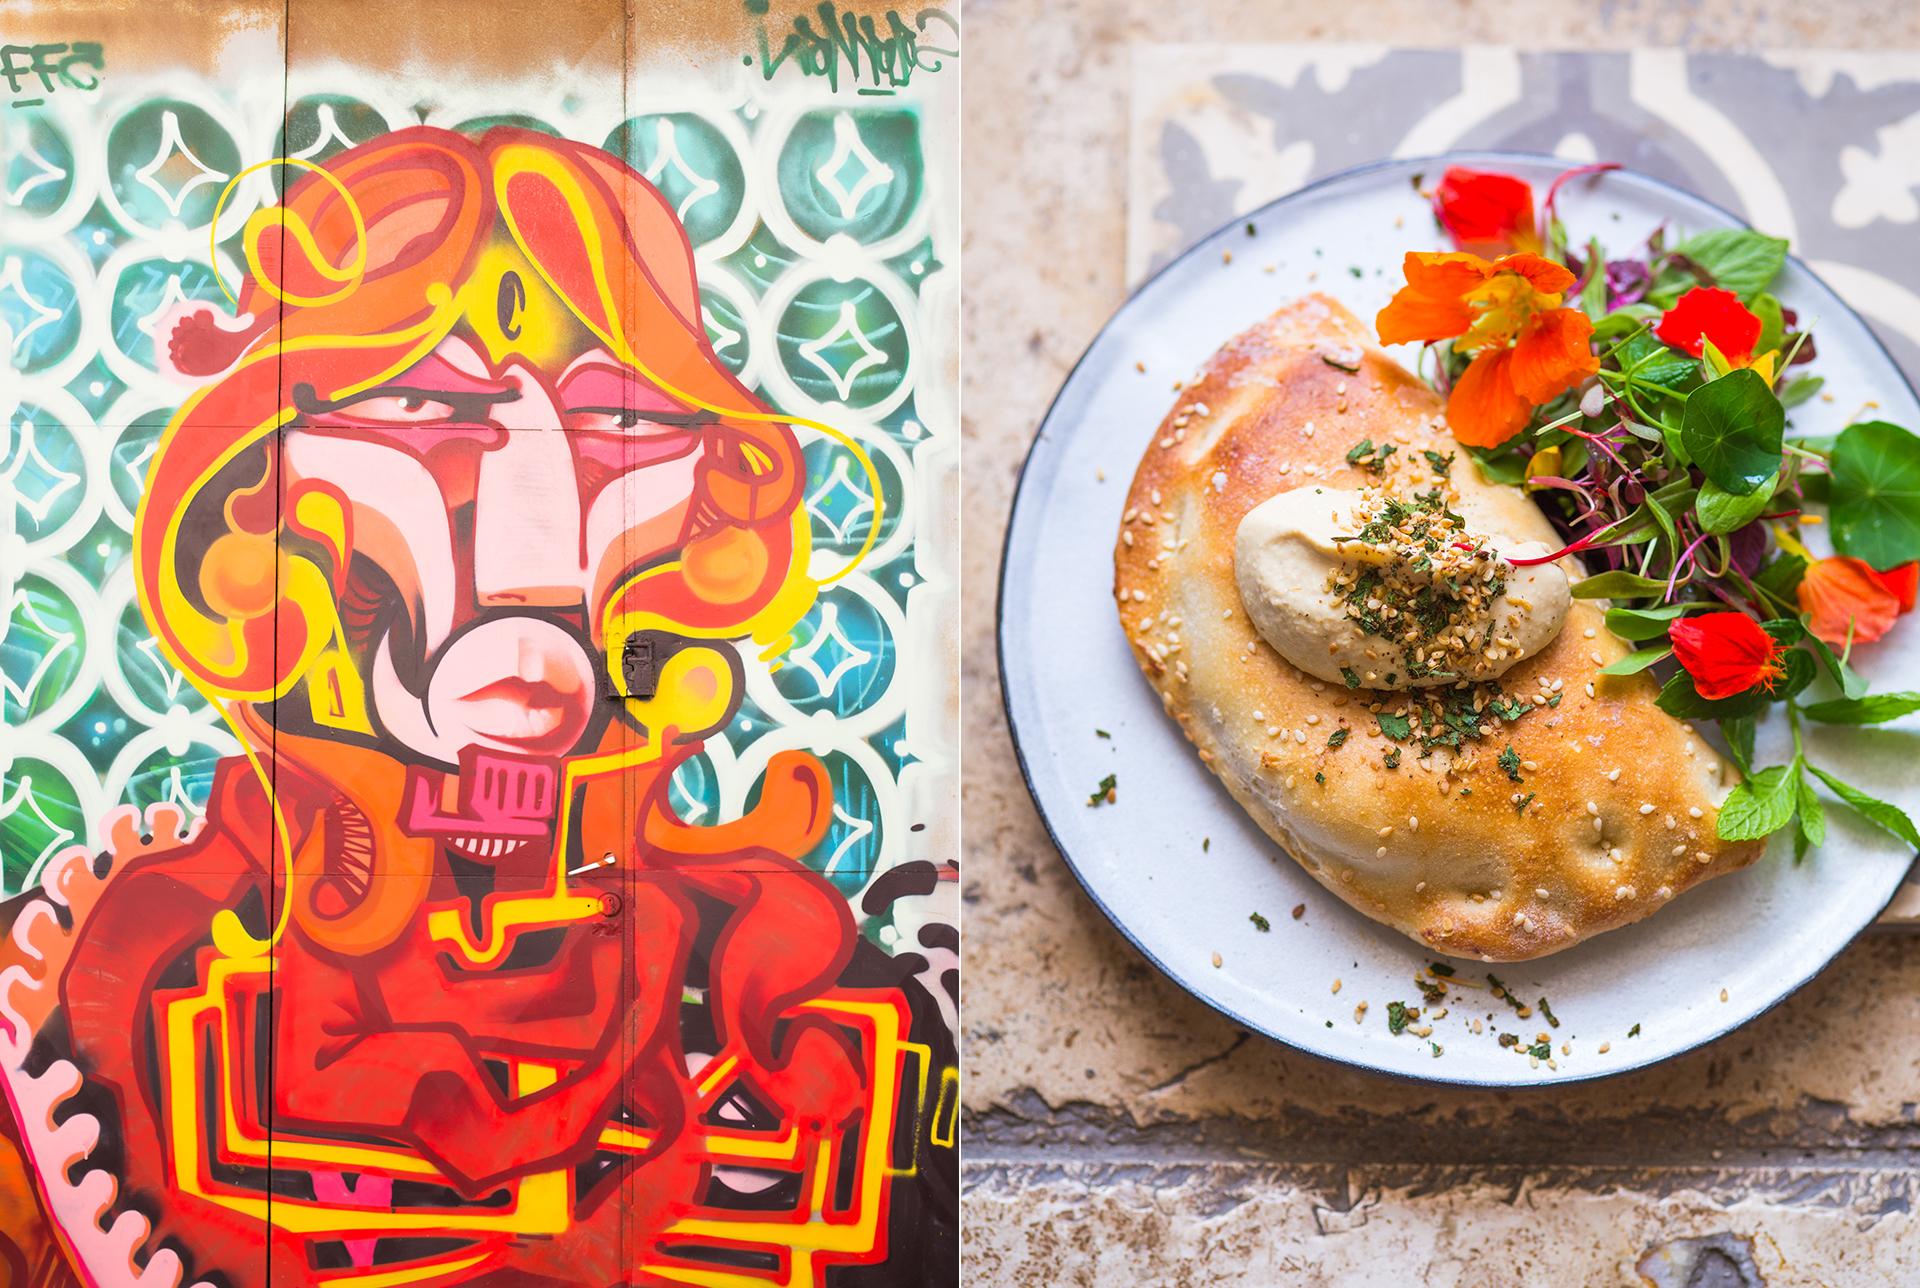 Reportagefotografie - isralelisches Brot mit Humus, Kapuzinerkresse und Kraeutersalat. Graffitti an einer Hausmauer in TelAviv